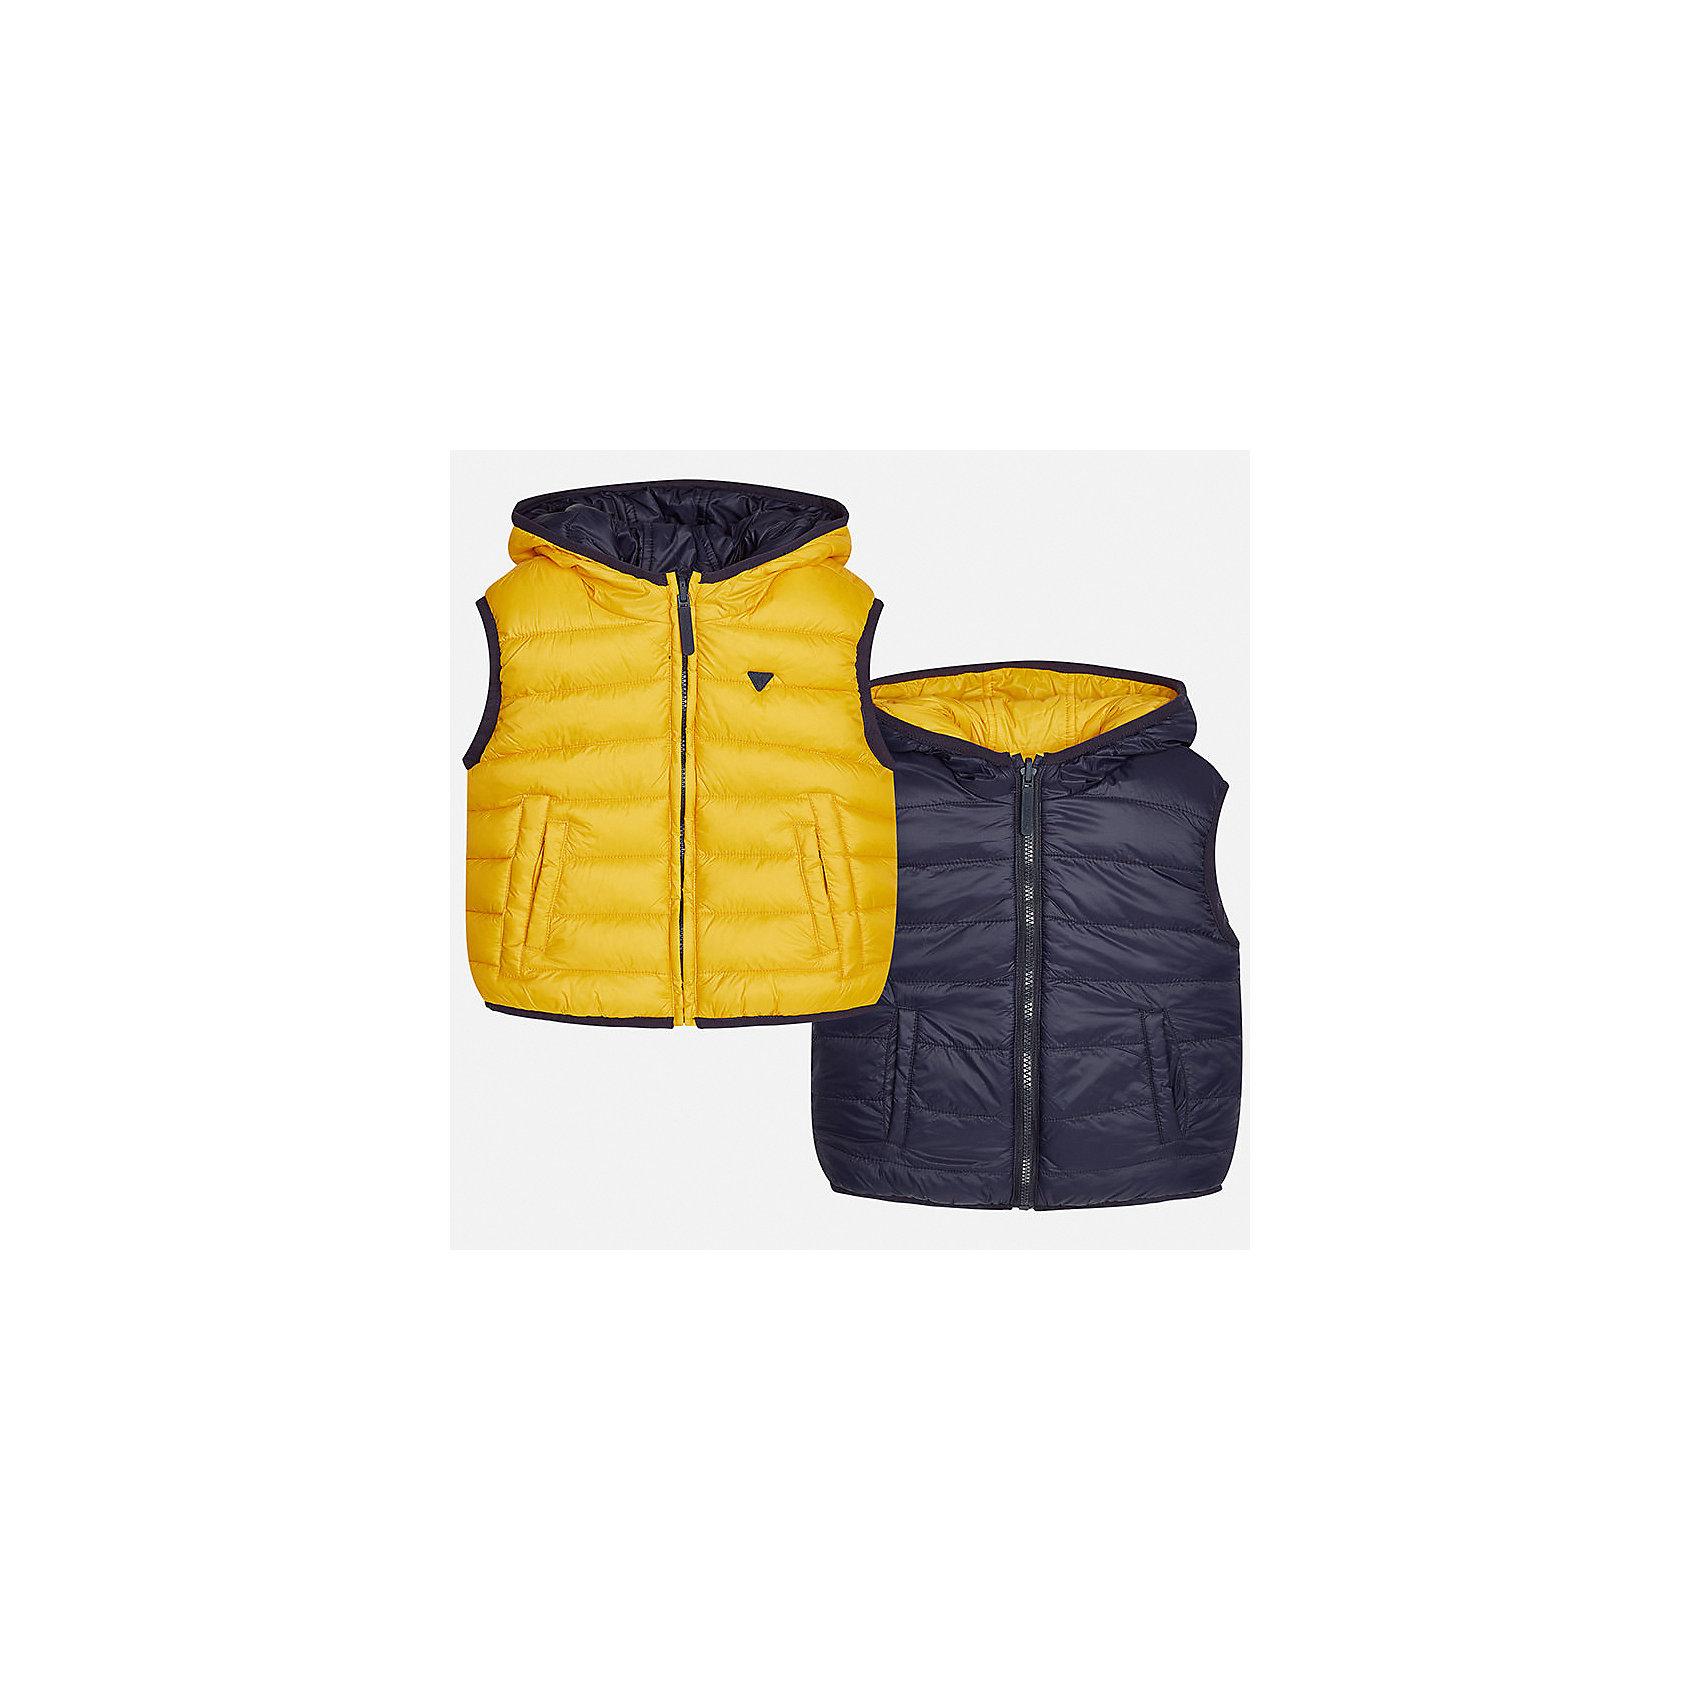 Жилет для мальчика MayoralВерхняя одежда<br>Характеристики товара:<br><br>• цвет: оранжевый<br>• состав ткани: 100% полиамид<br>• подкладка: 100% полиамид<br>• утеплитель: 100% полиэстер<br>• сезон: демисезон<br>• особенности модели: двусторонний, с капюшоном<br>• капюшон: несъемный<br>• застежка: молния<br>• страна бренда: Испания<br>• страна изготовитель: Индия<br><br>Двусторонний детский жилет сделан из качественного материала. Благодаря продуманному крою детского жилета создаются комфортные условия для тела. Жилет для мальчика отличается стильный дизайном.<br><br>Жилет для мальчика Mayoral (Майорал) можно купить в нашем интернет-магазине.<br><br>Ширина мм: 190<br>Глубина мм: 74<br>Высота мм: 229<br>Вес г: 236<br>Цвет: оранжевый<br>Возраст от месяцев: 96<br>Возраст до месяцев: 108<br>Пол: Мужской<br>Возраст: Детский<br>Размер: 134,92,98,104,110,116,122,128<br>SKU: 6934652